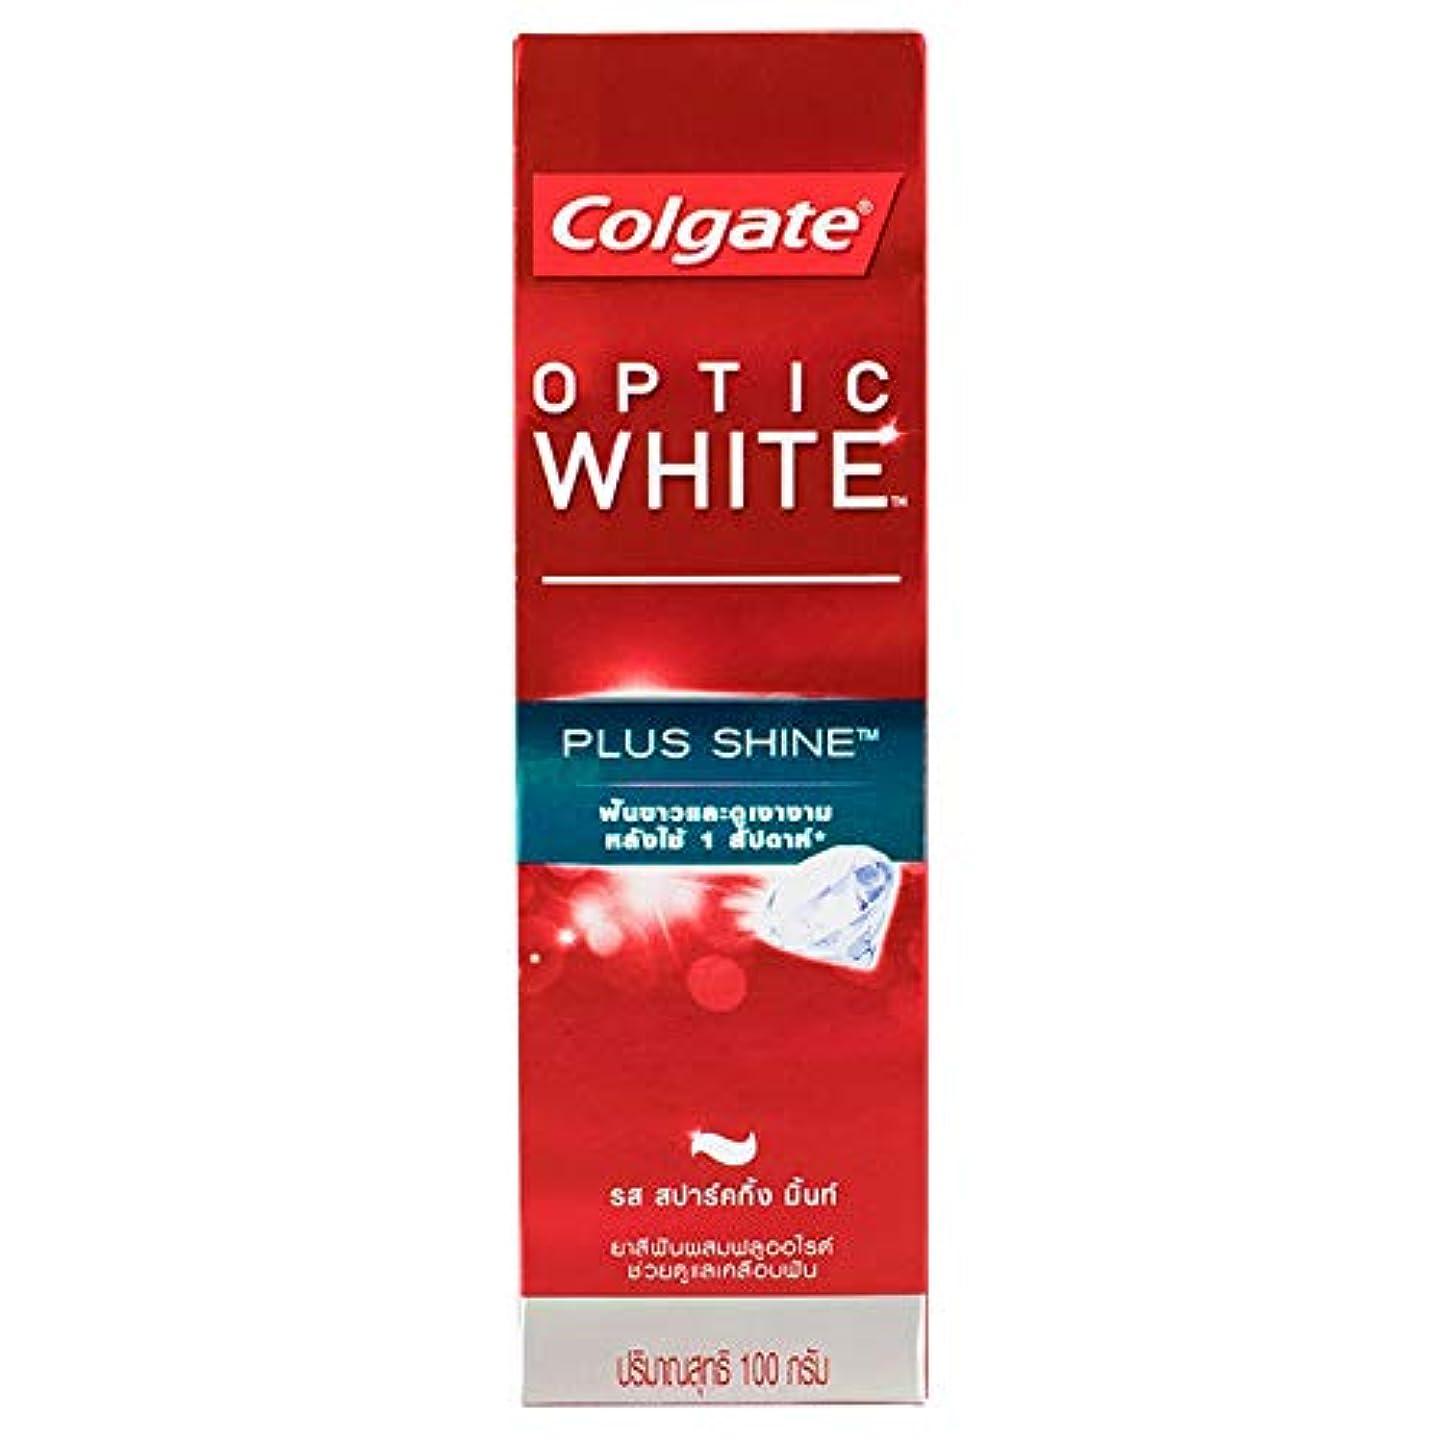 スケジュール護衛位置する(コルゲート)Colgate 歯磨き粉 「オプティック ホワイト 」 (プラス シャイン)